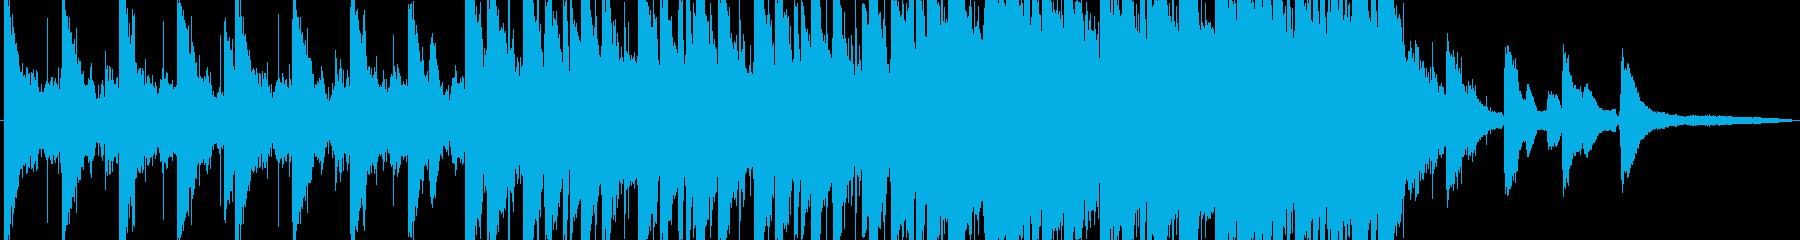 神秘的な雰囲気のローファイビートの再生済みの波形